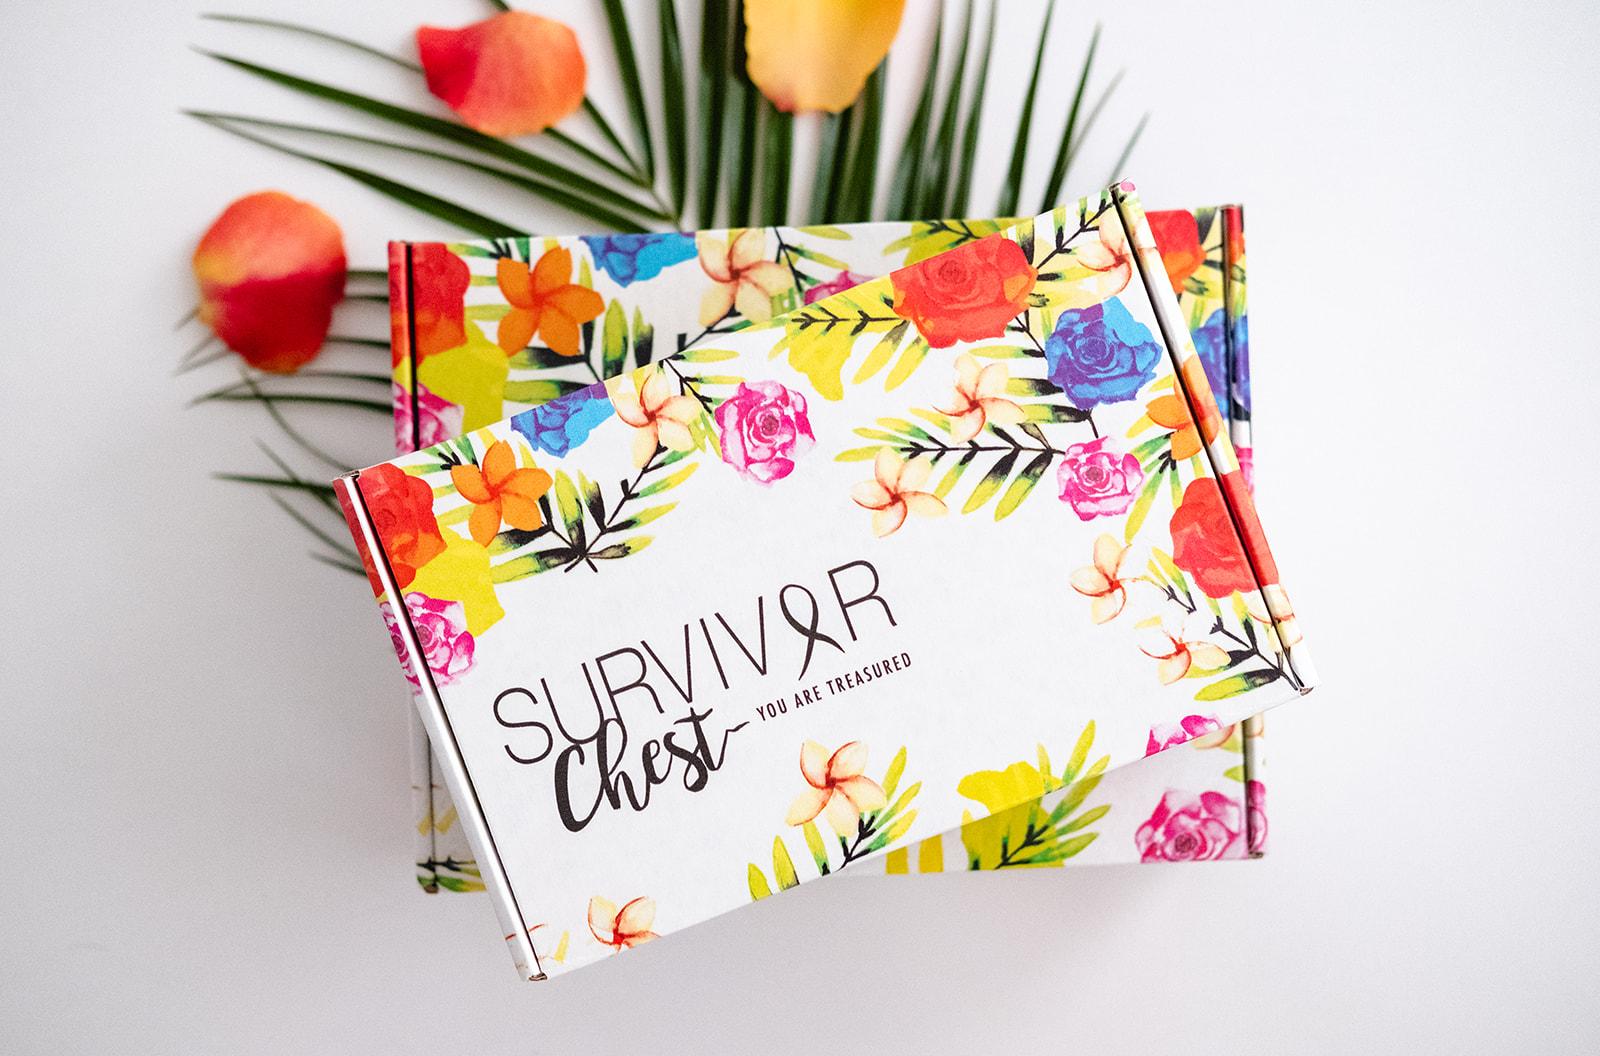 survivorchest-21.jpg